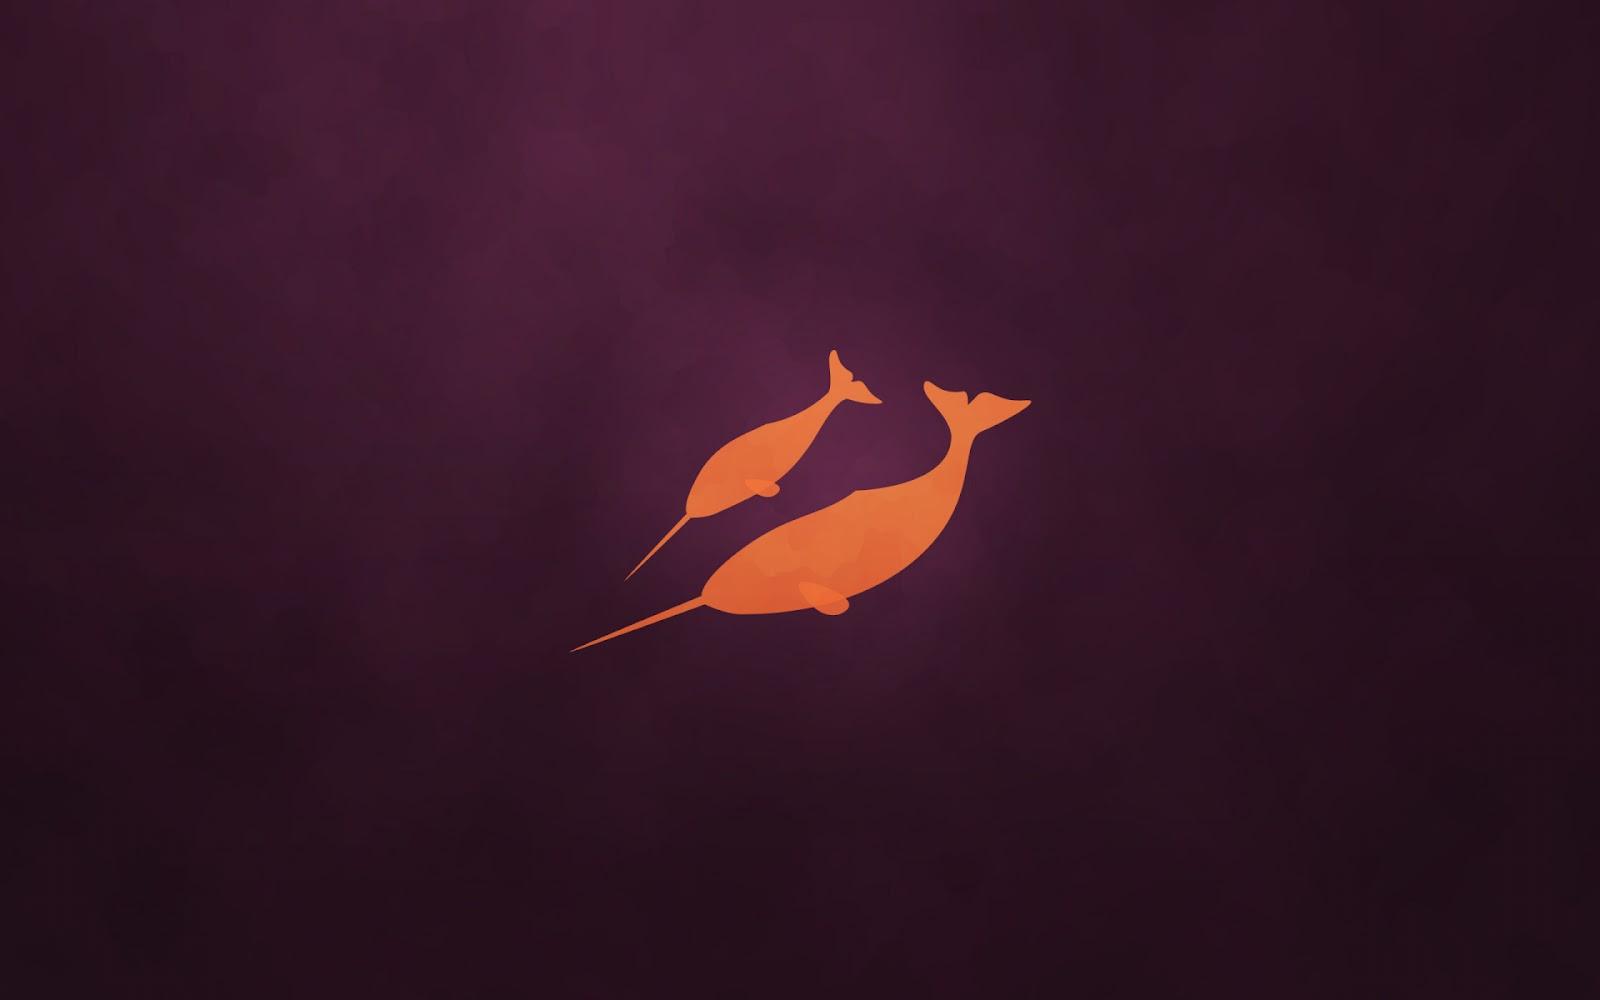 http://4.bp.blogspot.com/-mGPwEc7Kp_k/T0eXa99C-MI/AAAAAAAADzg/Ov9YiI4kjA0/s1600/Ubuntu+11.04+HD+Wallpaper.jpg